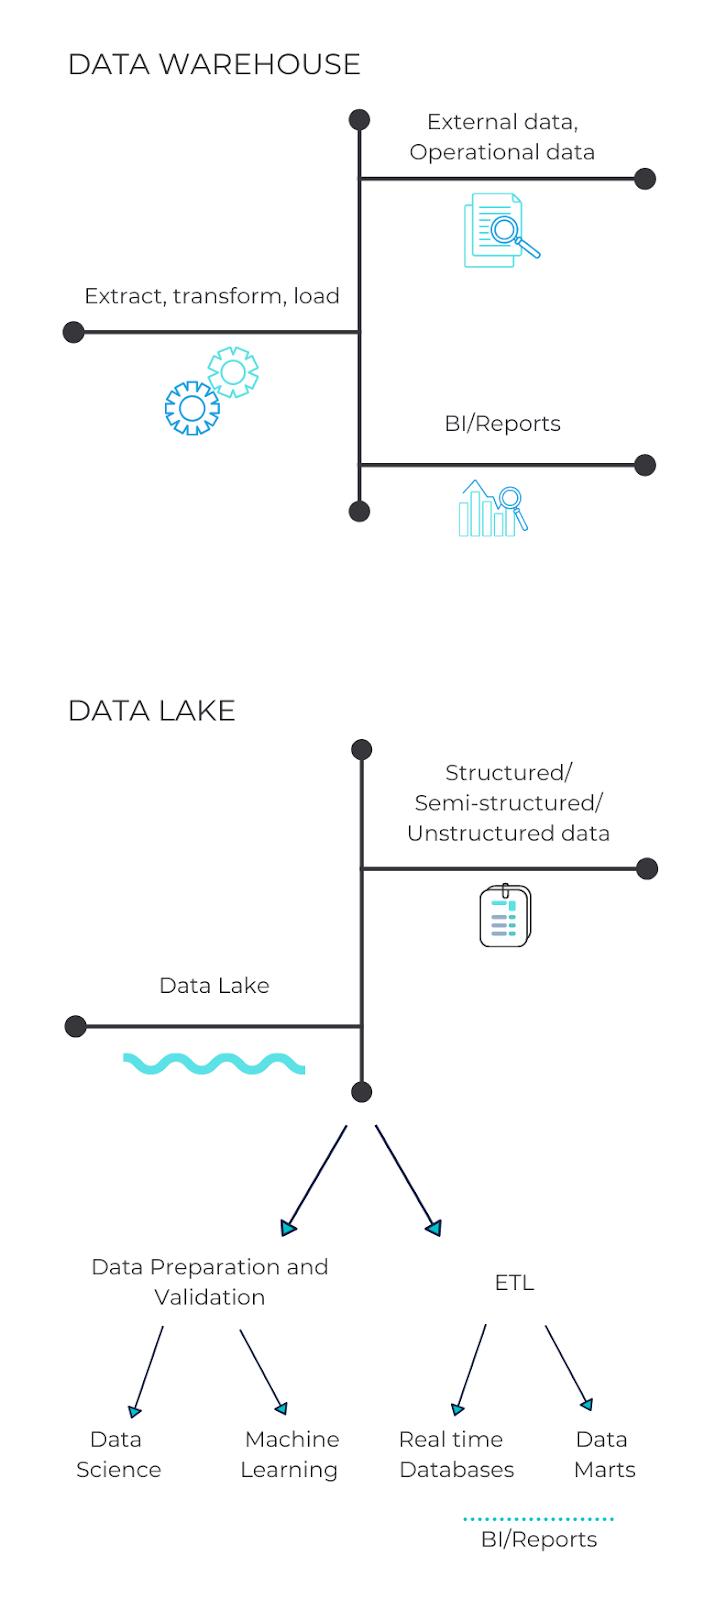 Data Warehouse and Data Lake principles